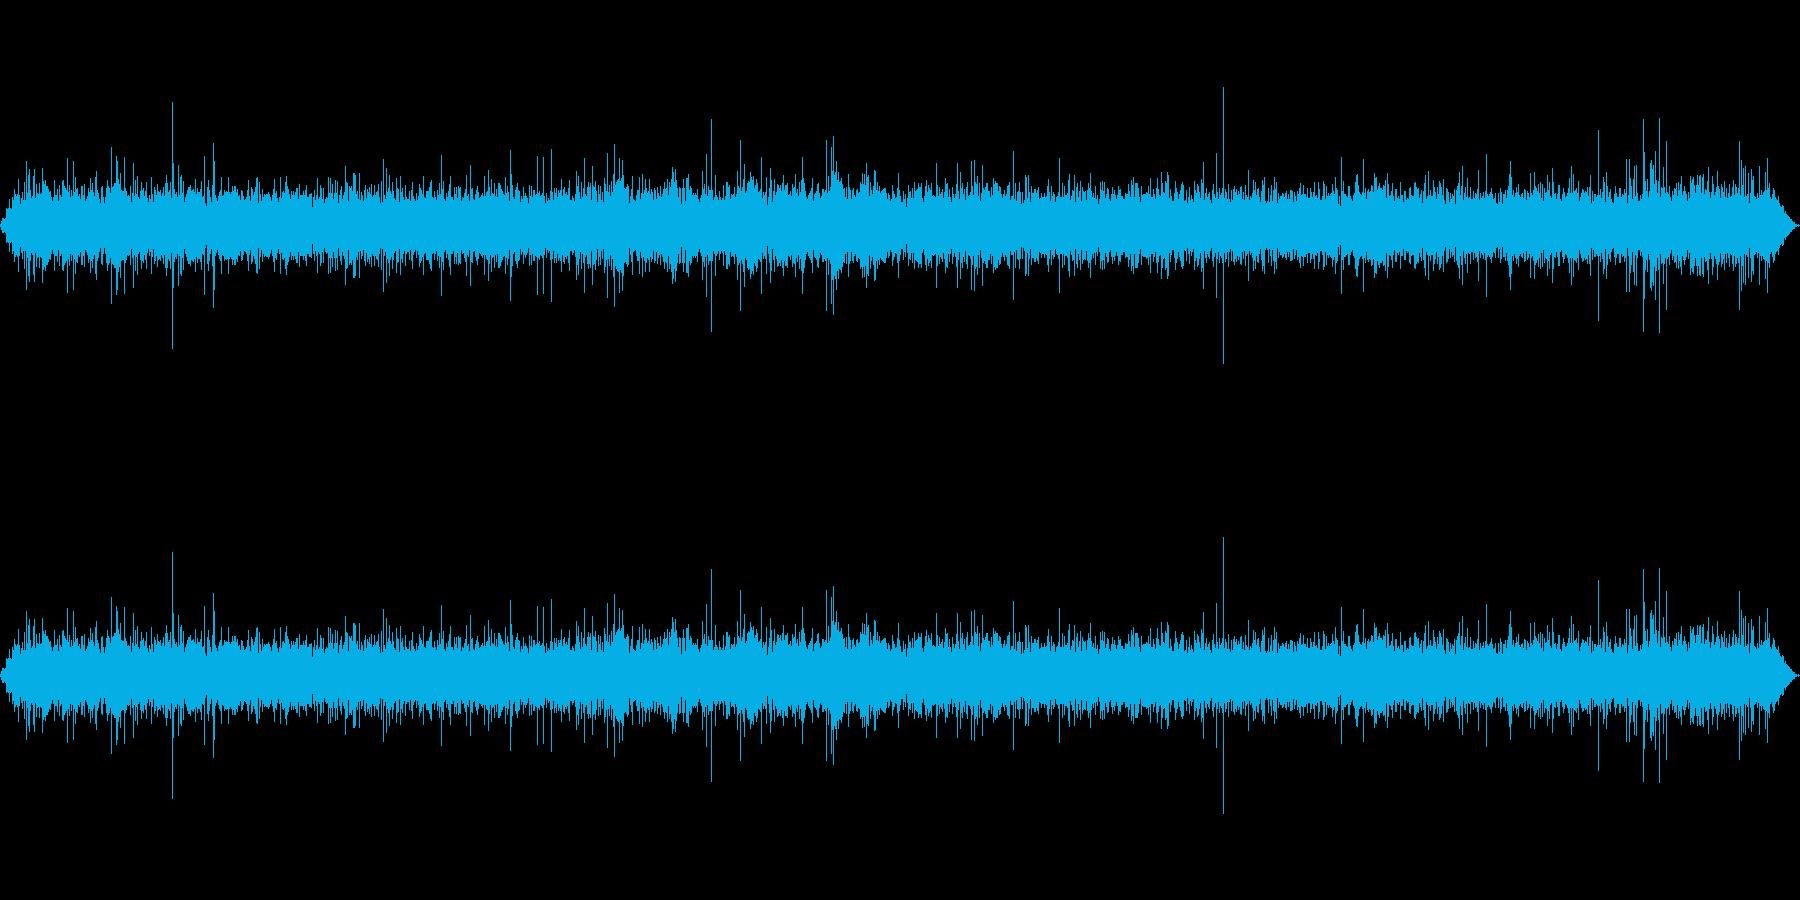 【環境音】水琴窟の音02(滄浪泉園)の再生済みの波形